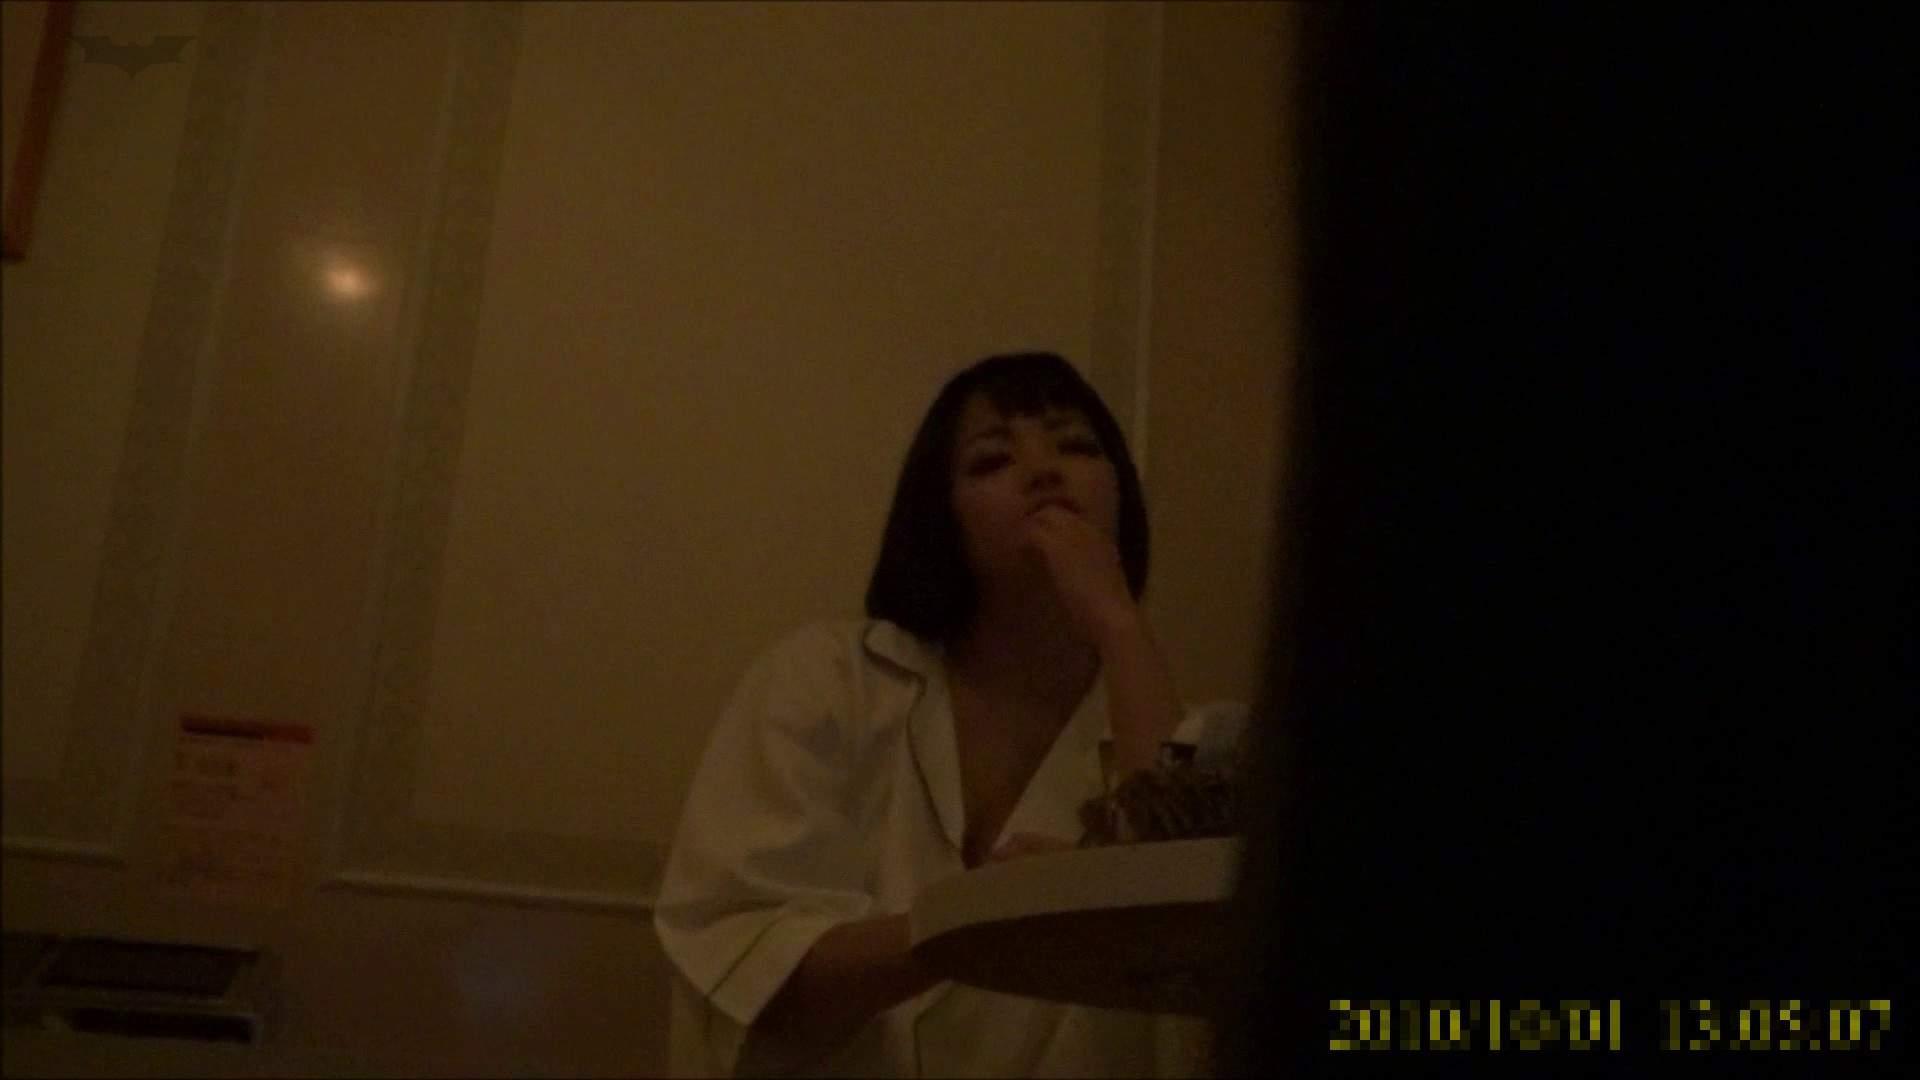 【未公開】vol.96 {茶髪→黒髪ギャル}美巨乳アミちゃん③【前編】 盛合せ  108画像 24